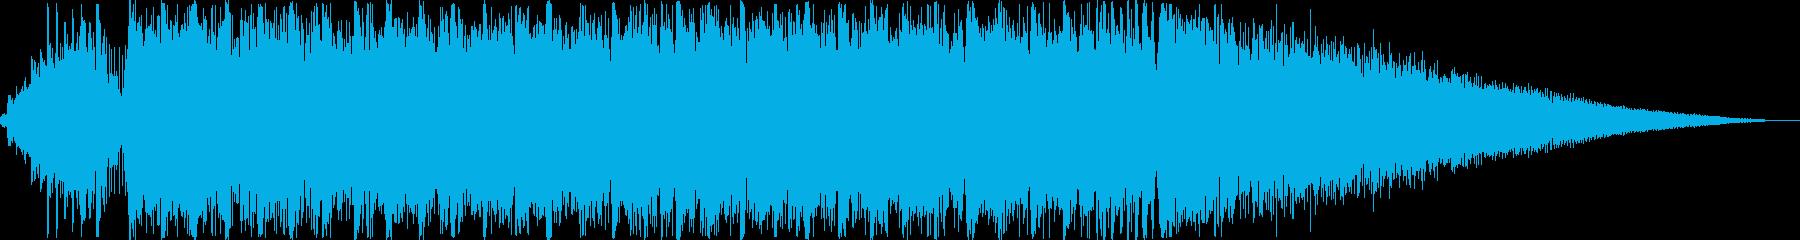 デジタルエピックロック曲のサウンドロゴの再生済みの波形